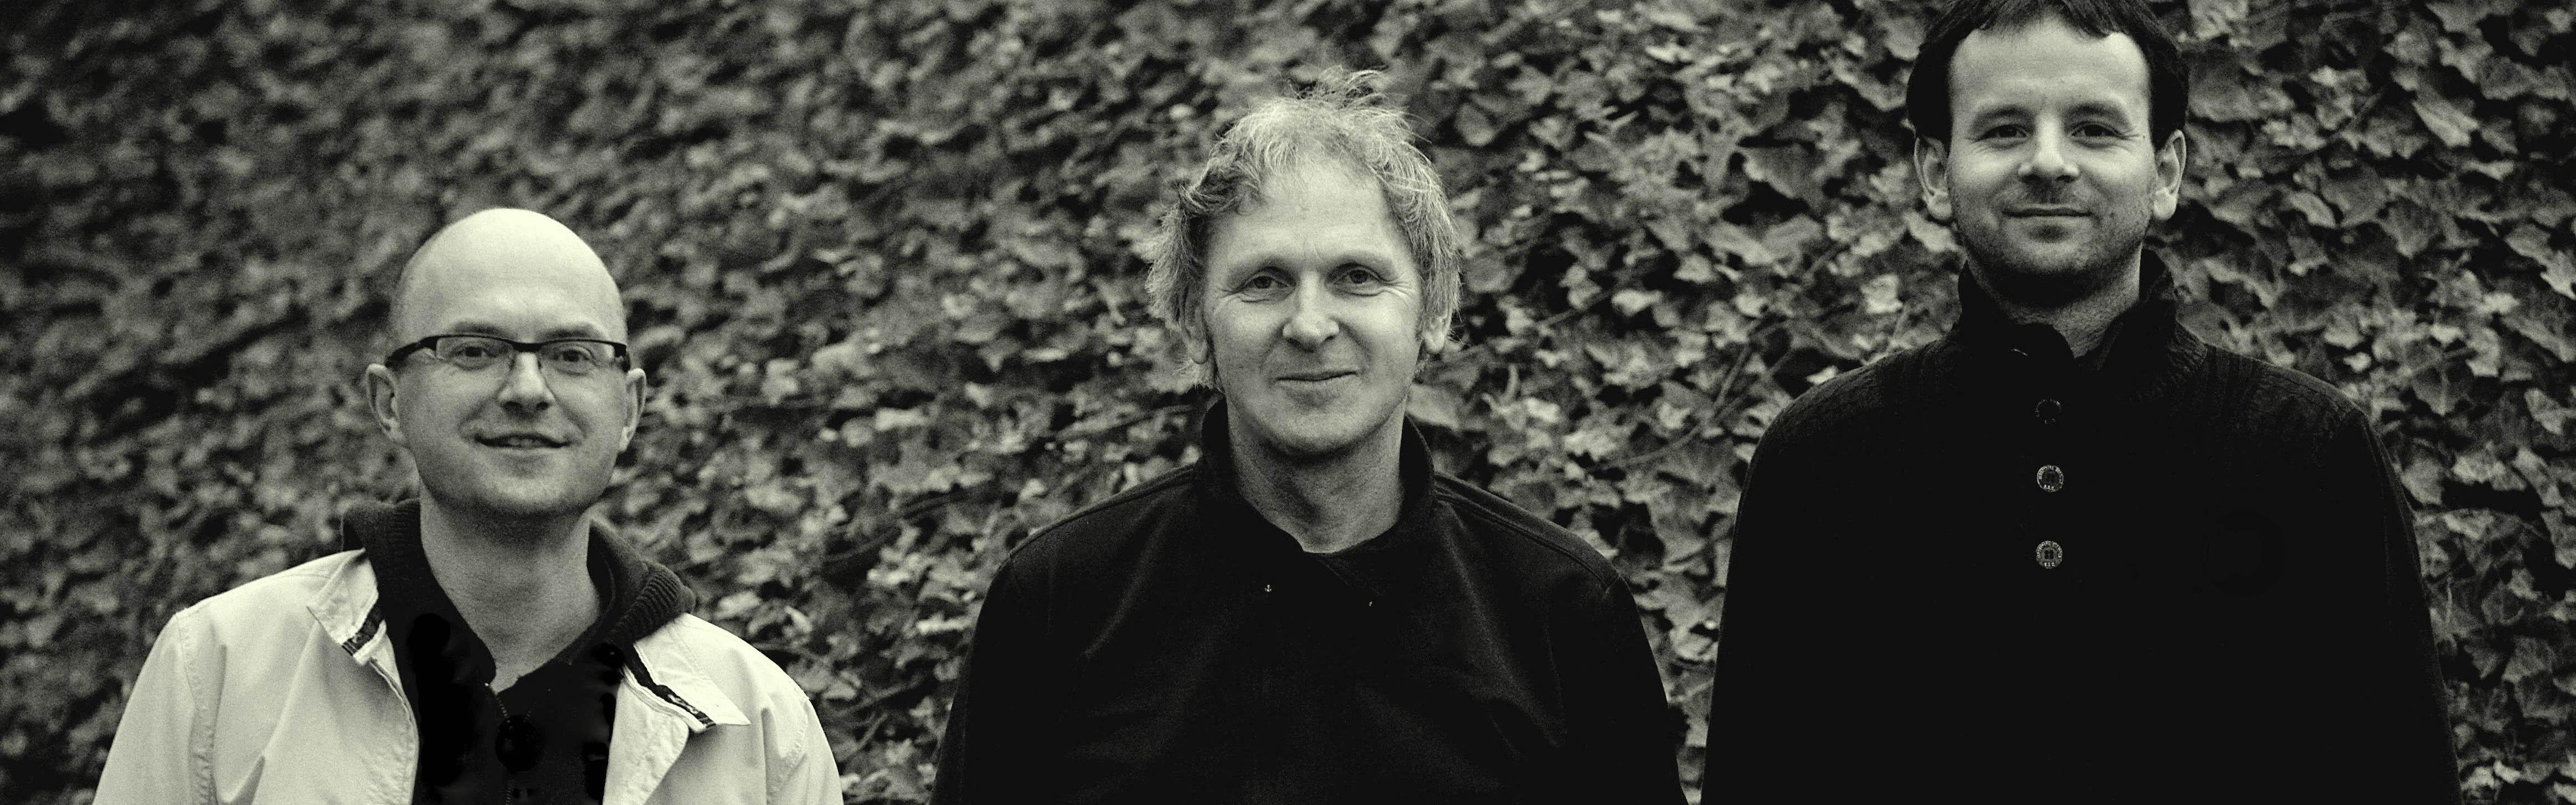 Artur-Dutkiewicz-Trio-fot.-Radek-Świątkowski1